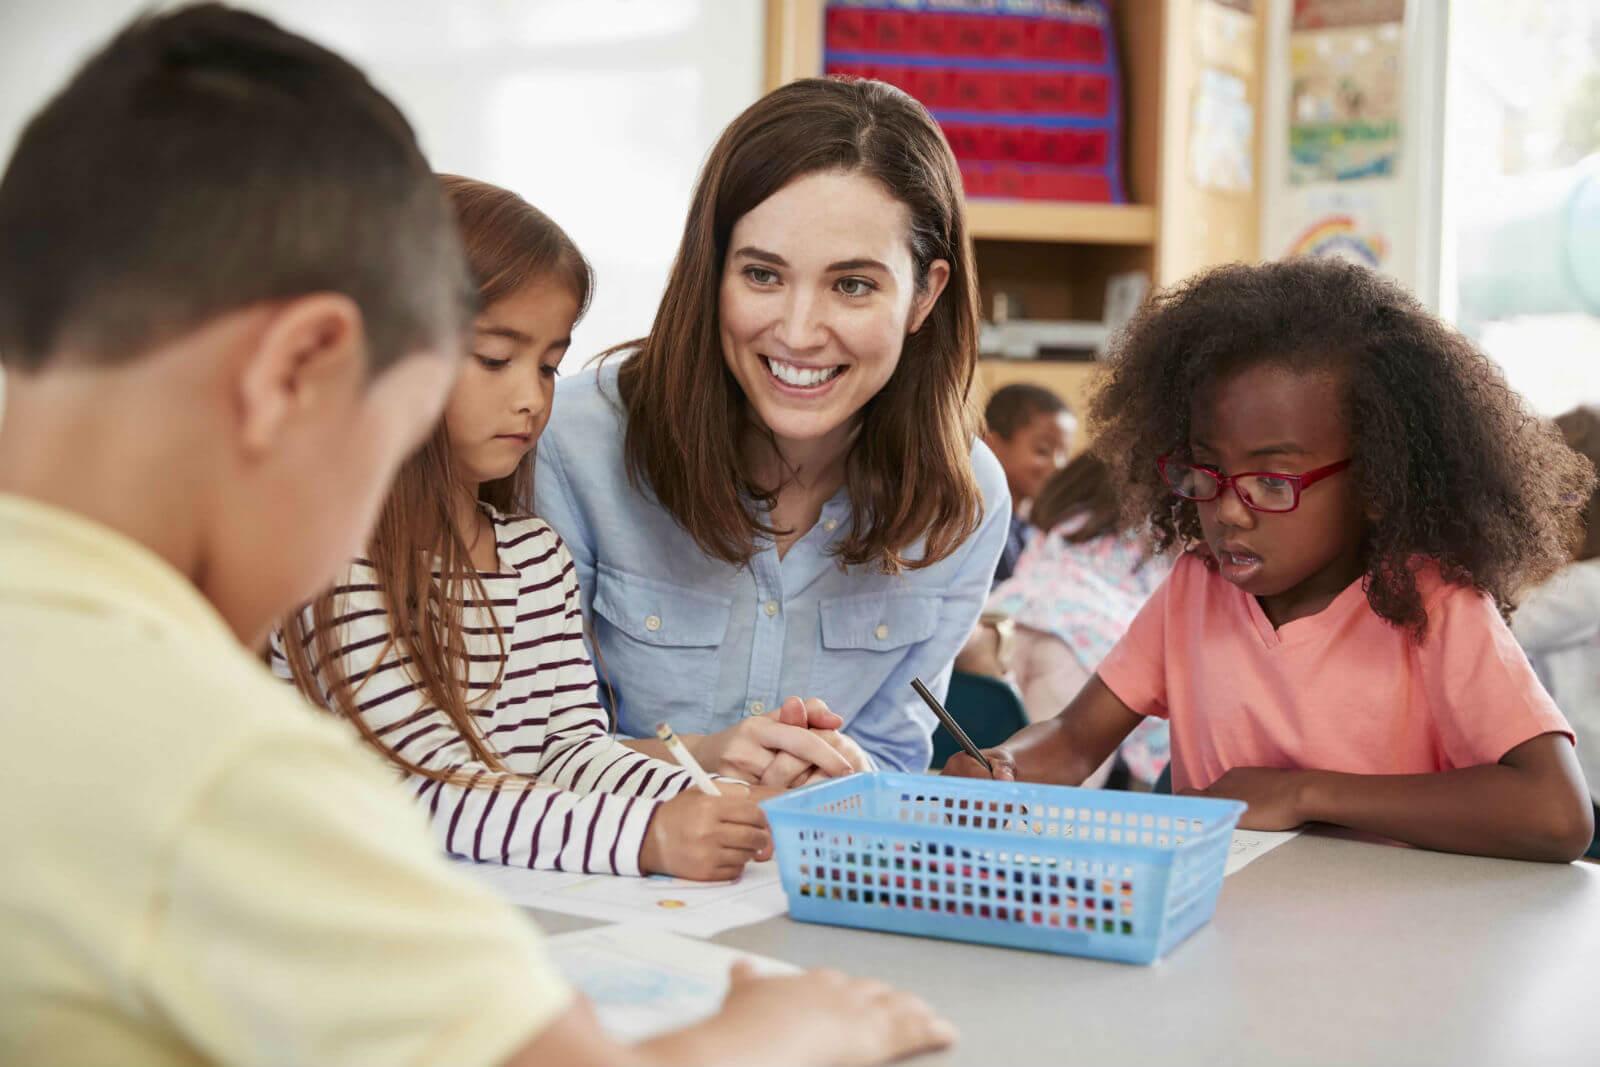 Professora interagindo com crianças